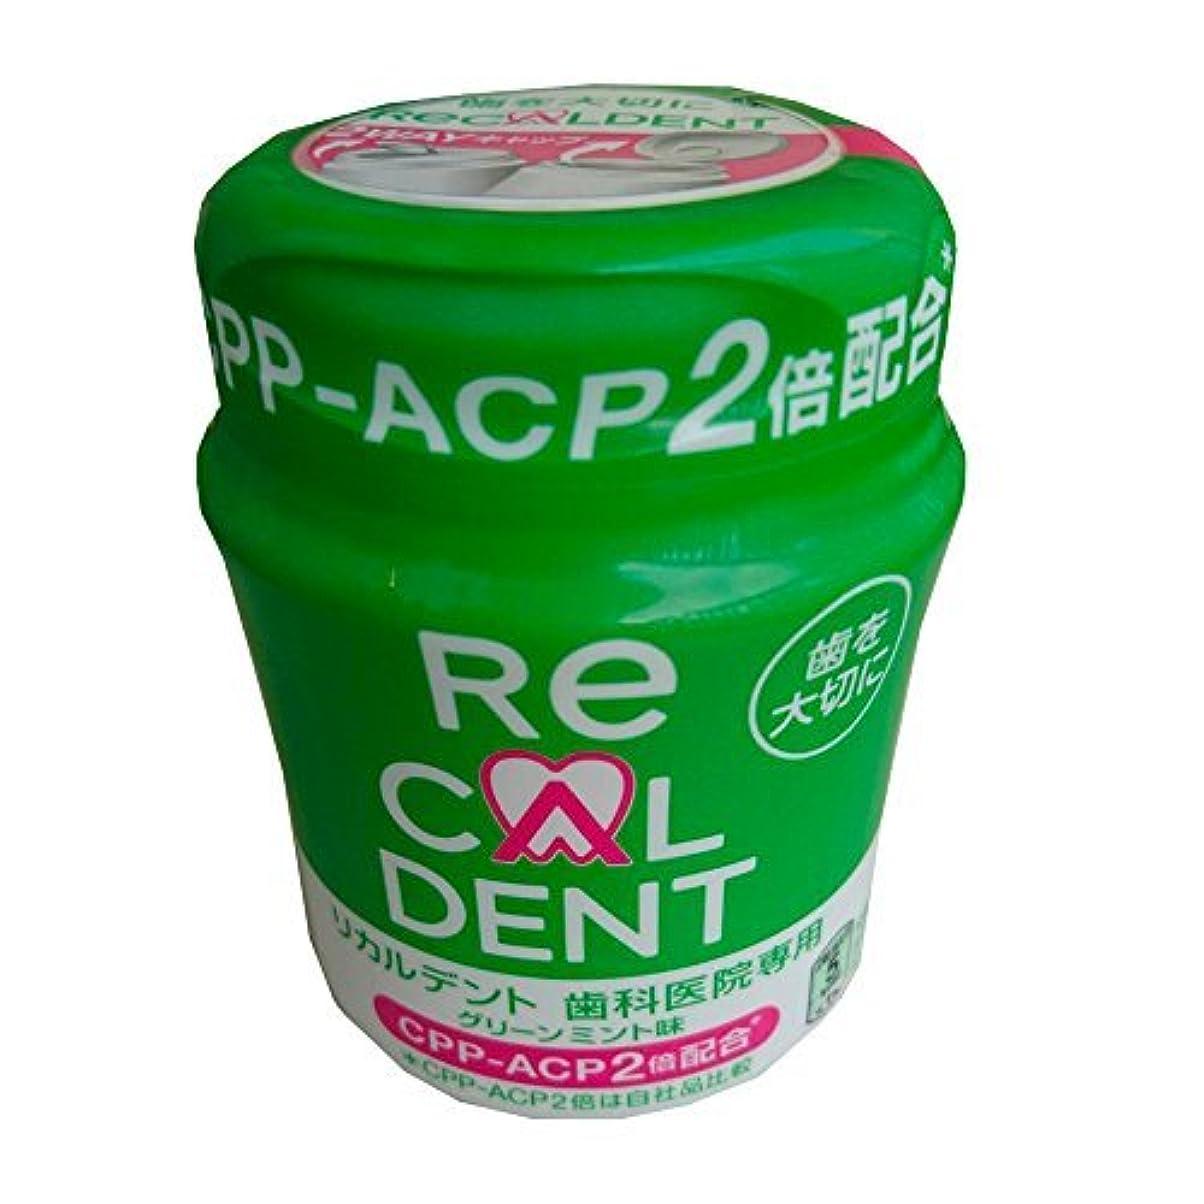 厄介な脆い欠乏歯科医院専用 リカルデントガム グリーンミント味 140gボトル 1個